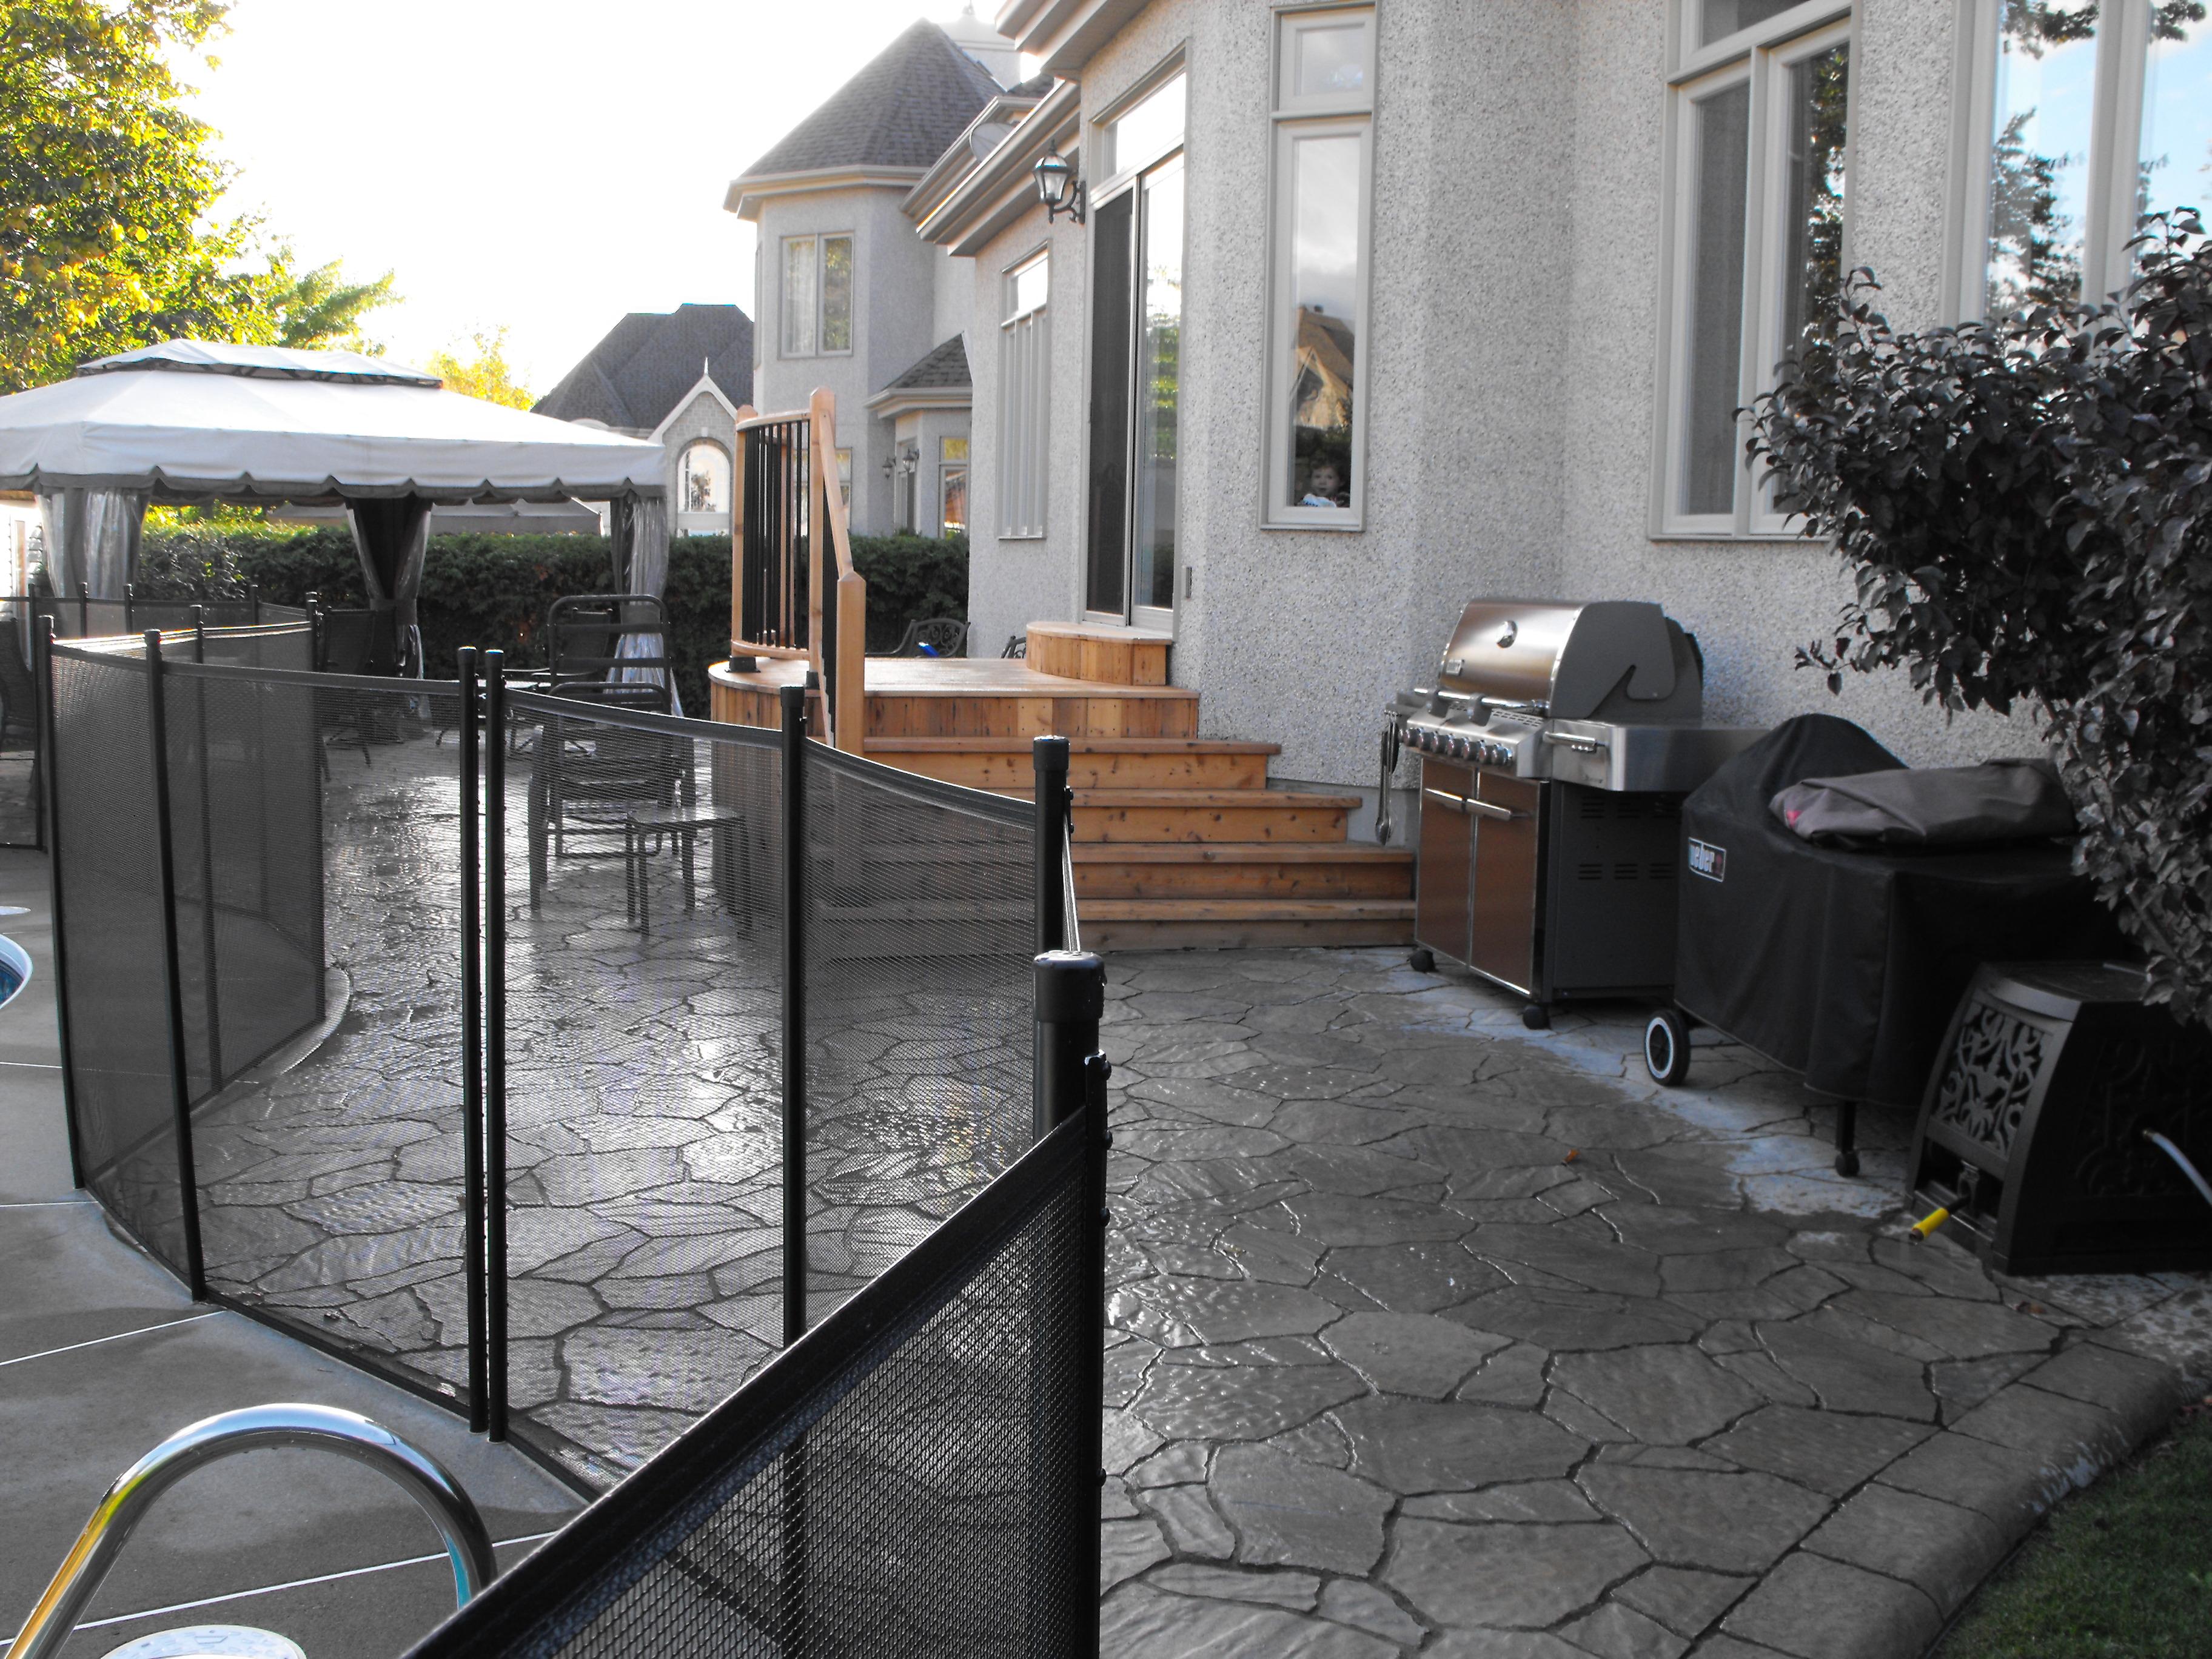 Salle à diner extérieure avec aménagement piscine creusé